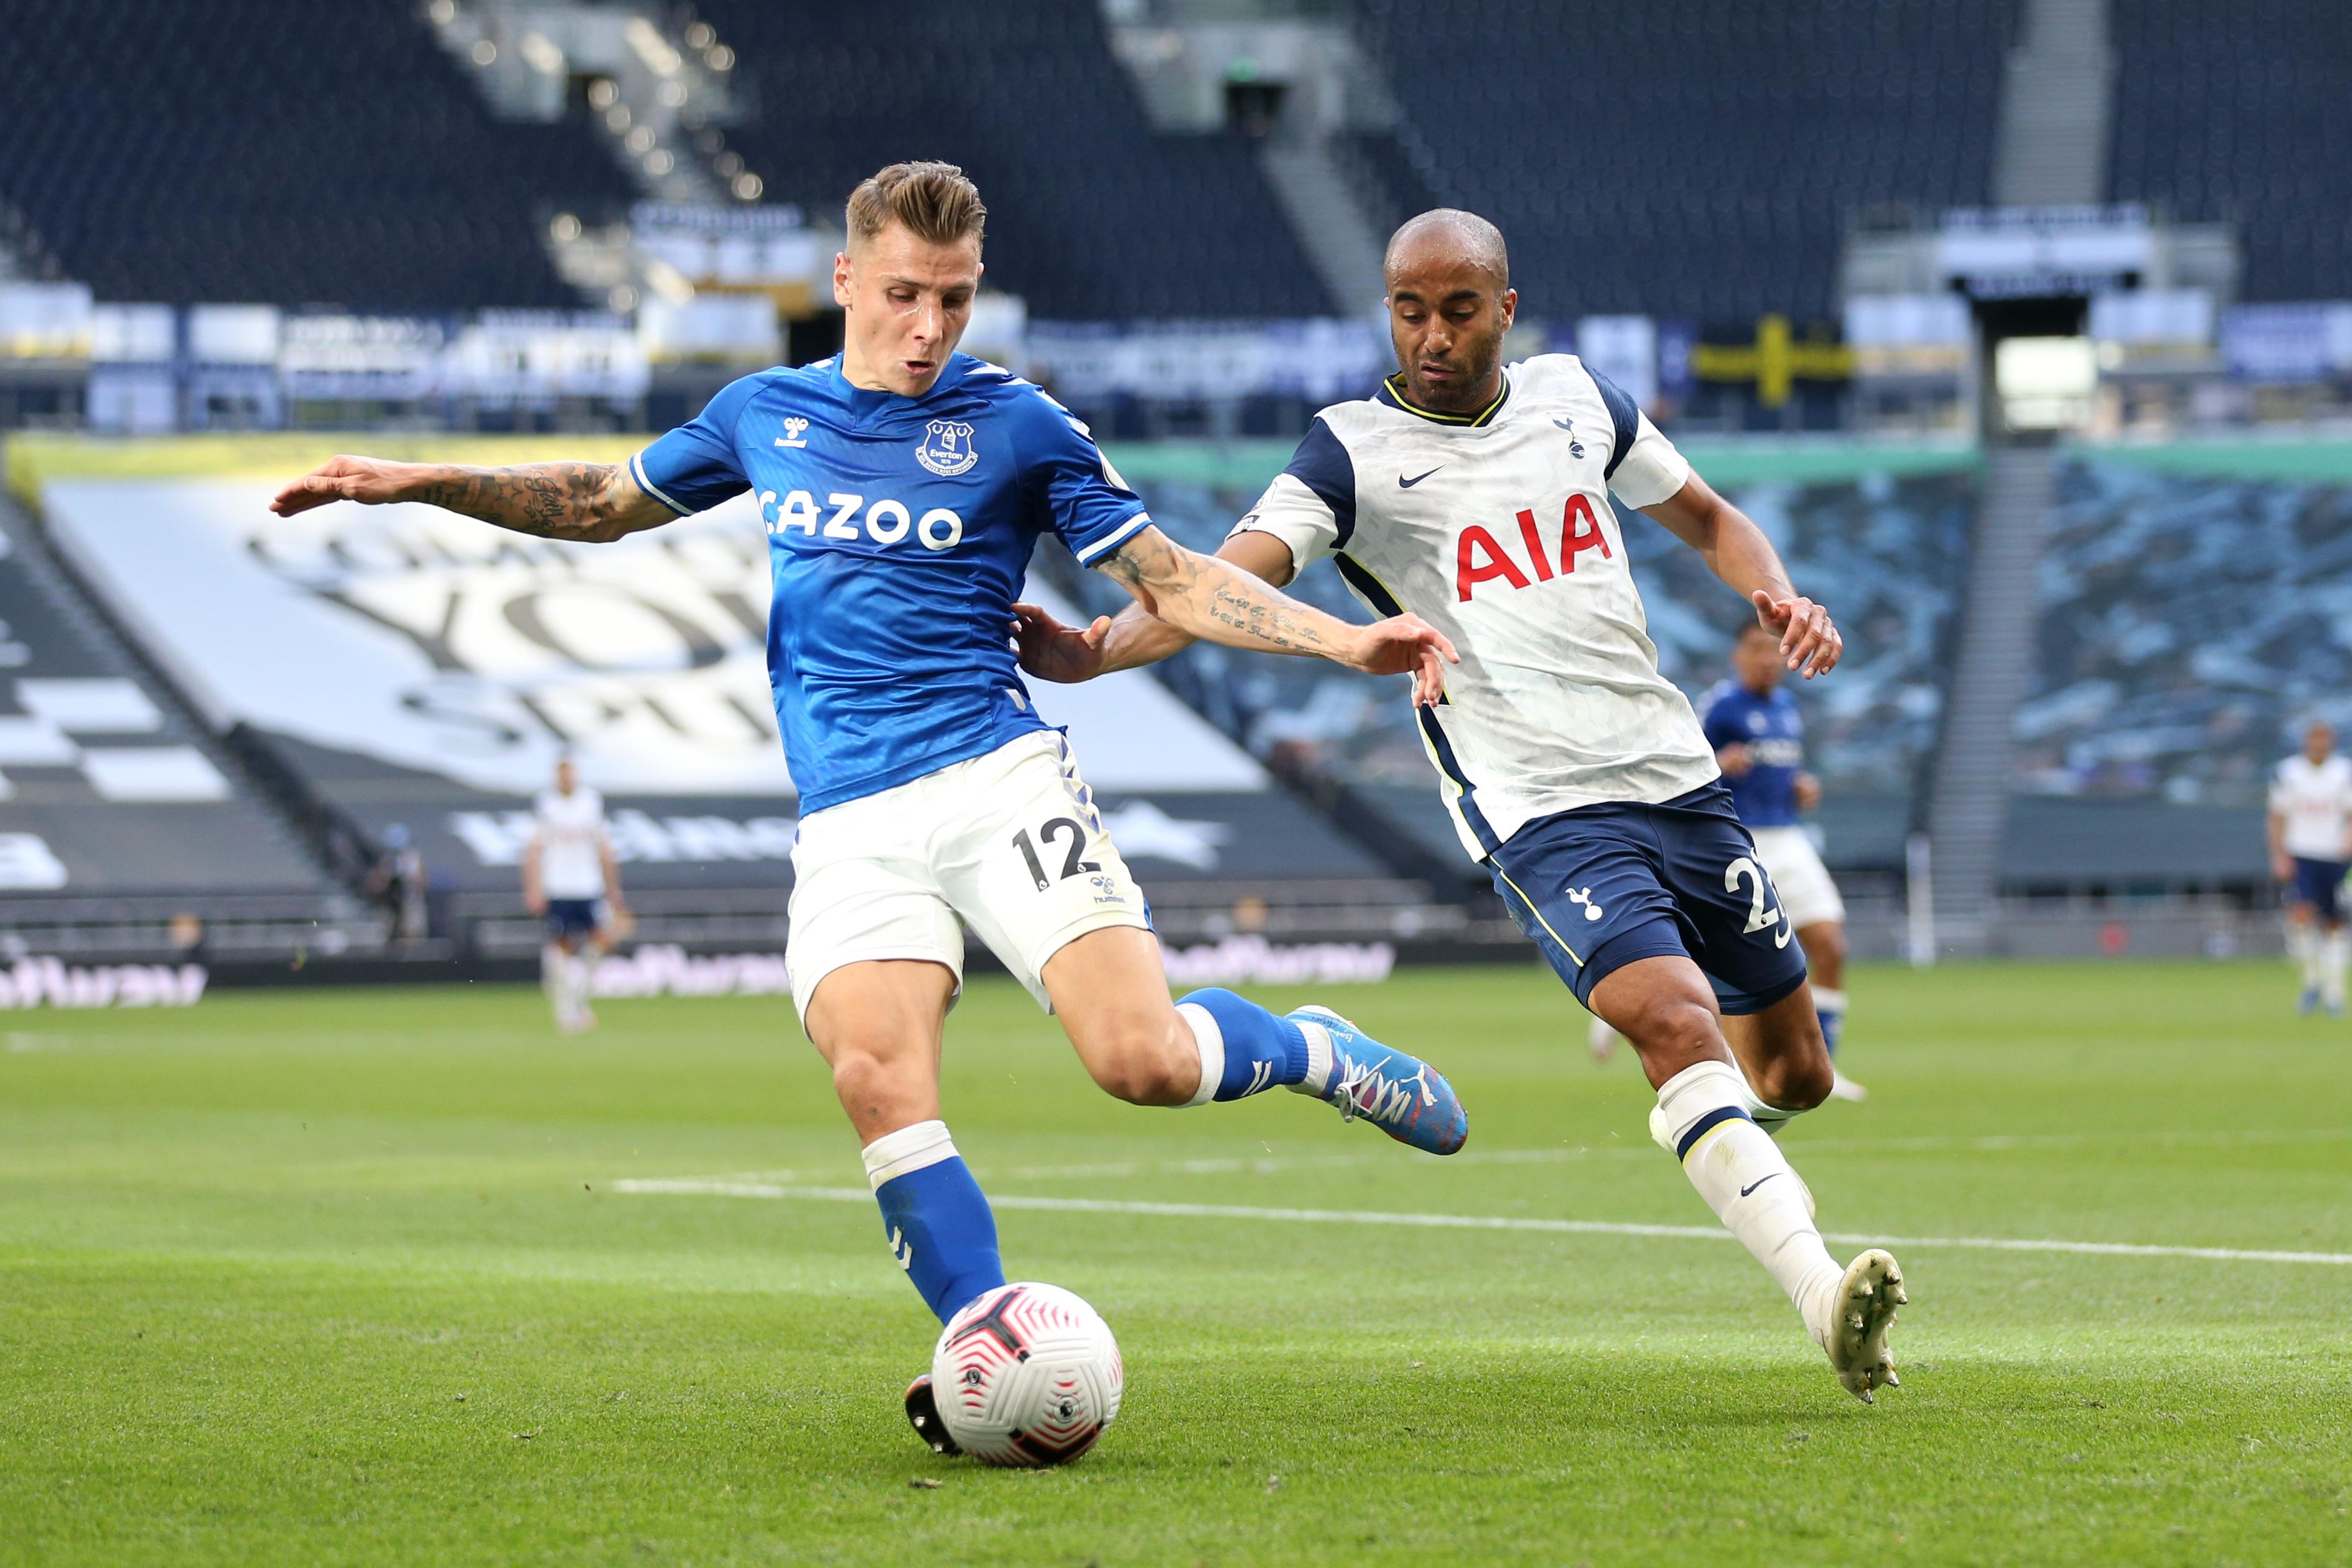 Lucas Digne - Everton - Premier League